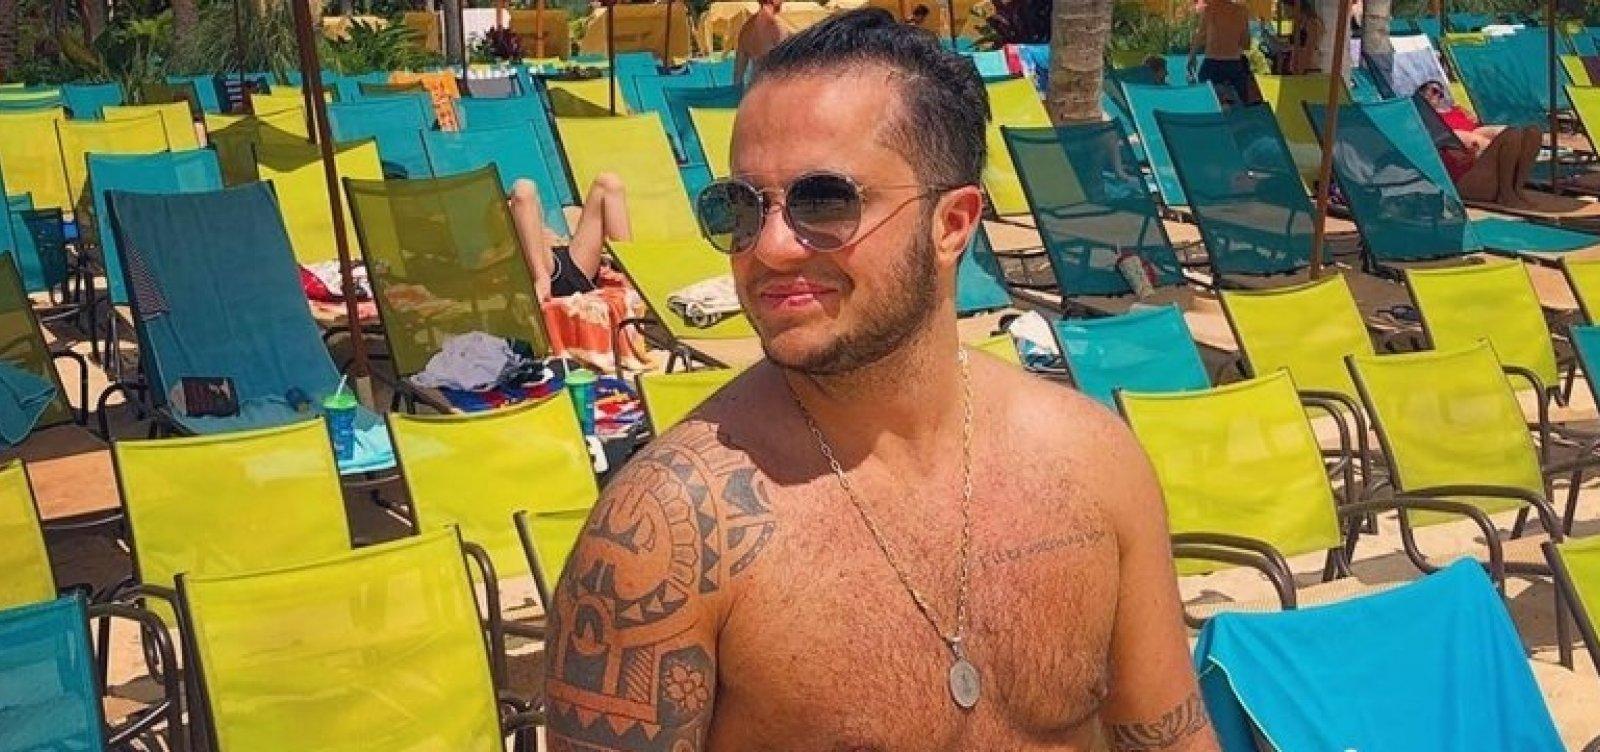 Thammy disputa prêmio de homem mais sexy e brinca: 'Estão doidos'